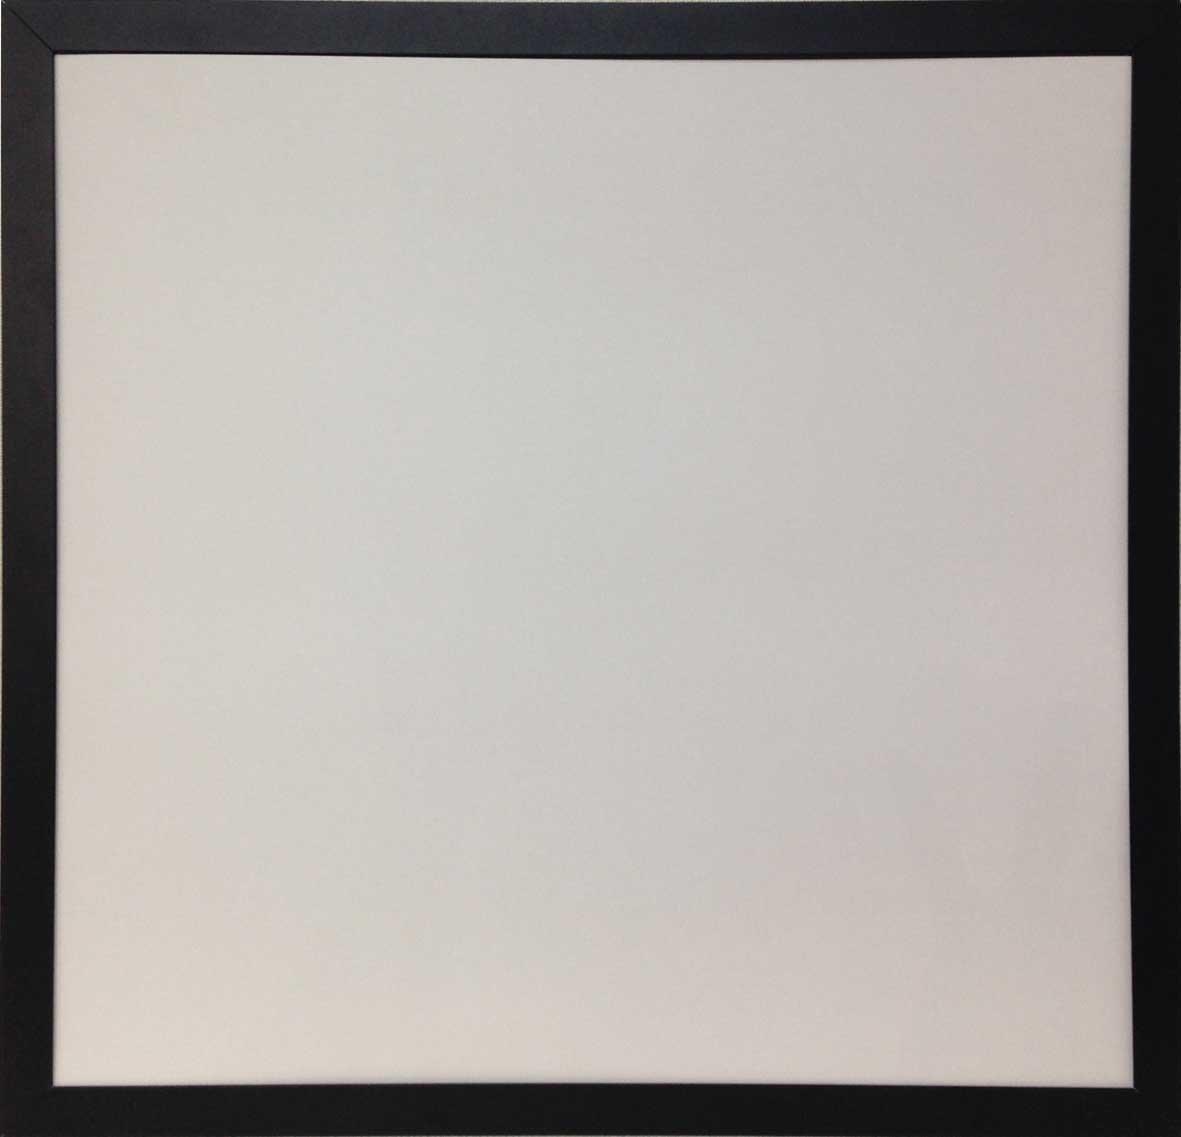 VED黒色フレームLED額縁(調光器付き)フィルムカレンダーサイズ B01ICGNVL8